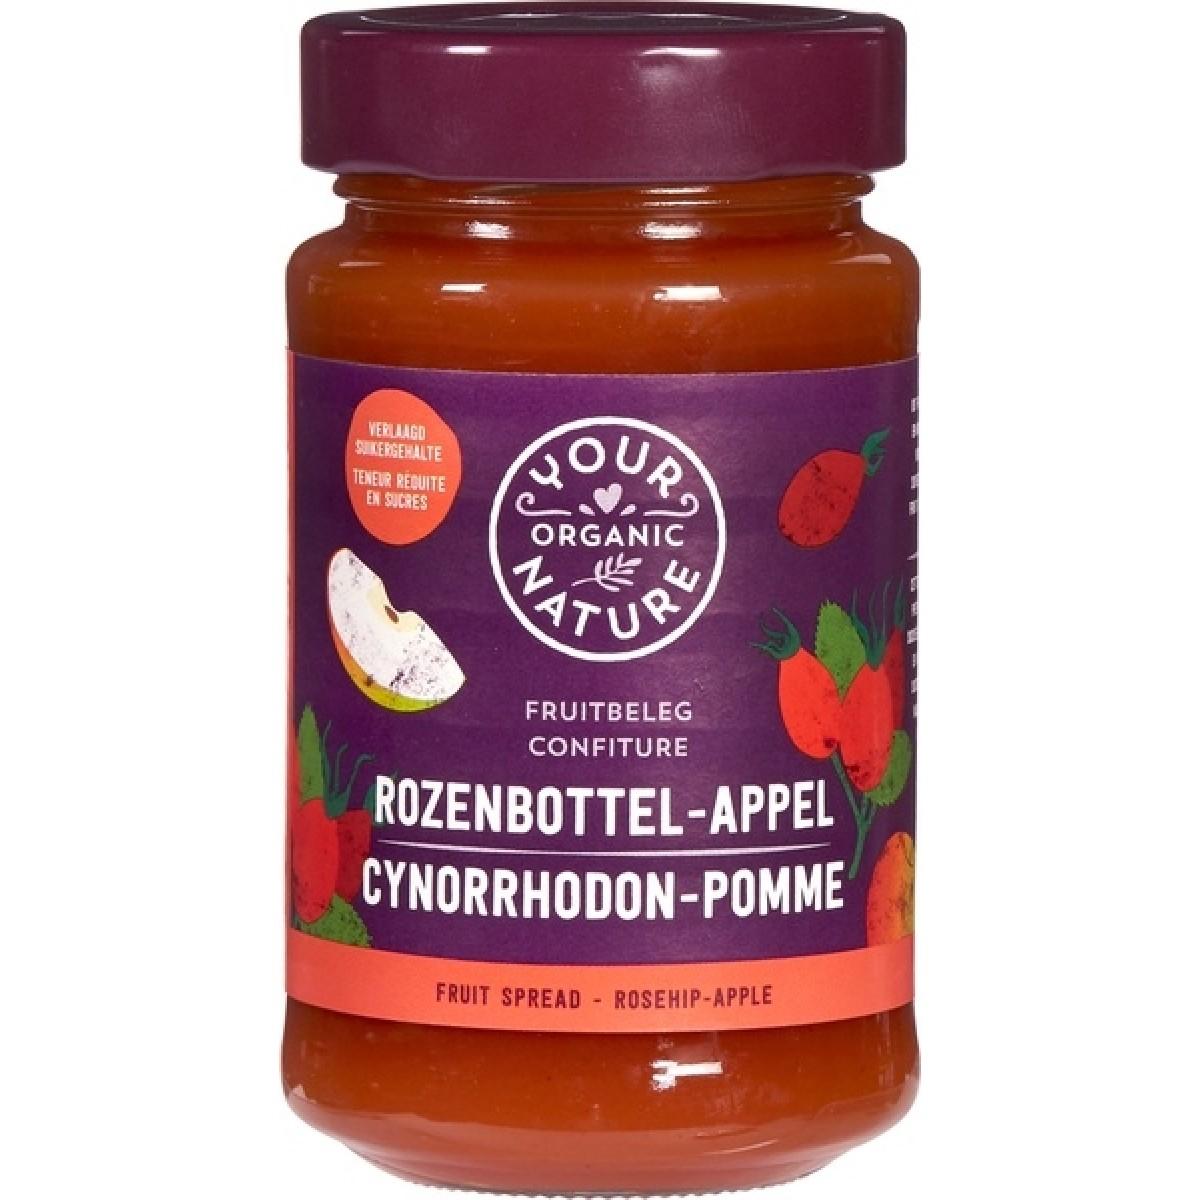 Rozenbottel - Appel Fruitbeleg